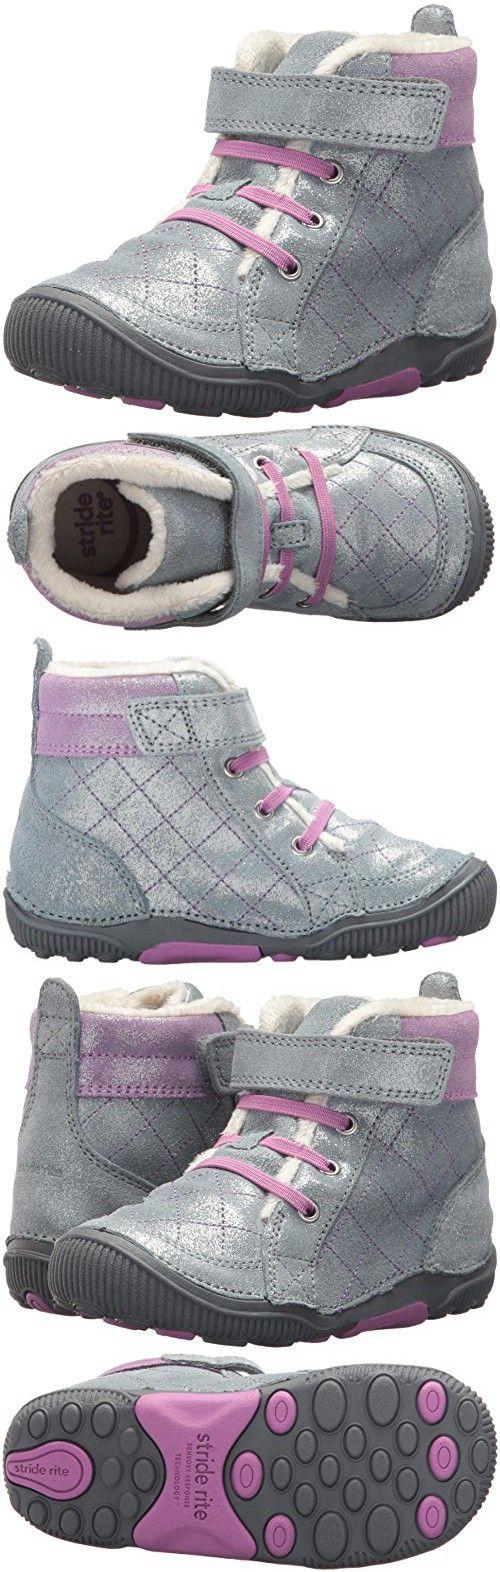 ca2333d8fe Stride Rite Girls  Srtech Pheobe Ankle Boot